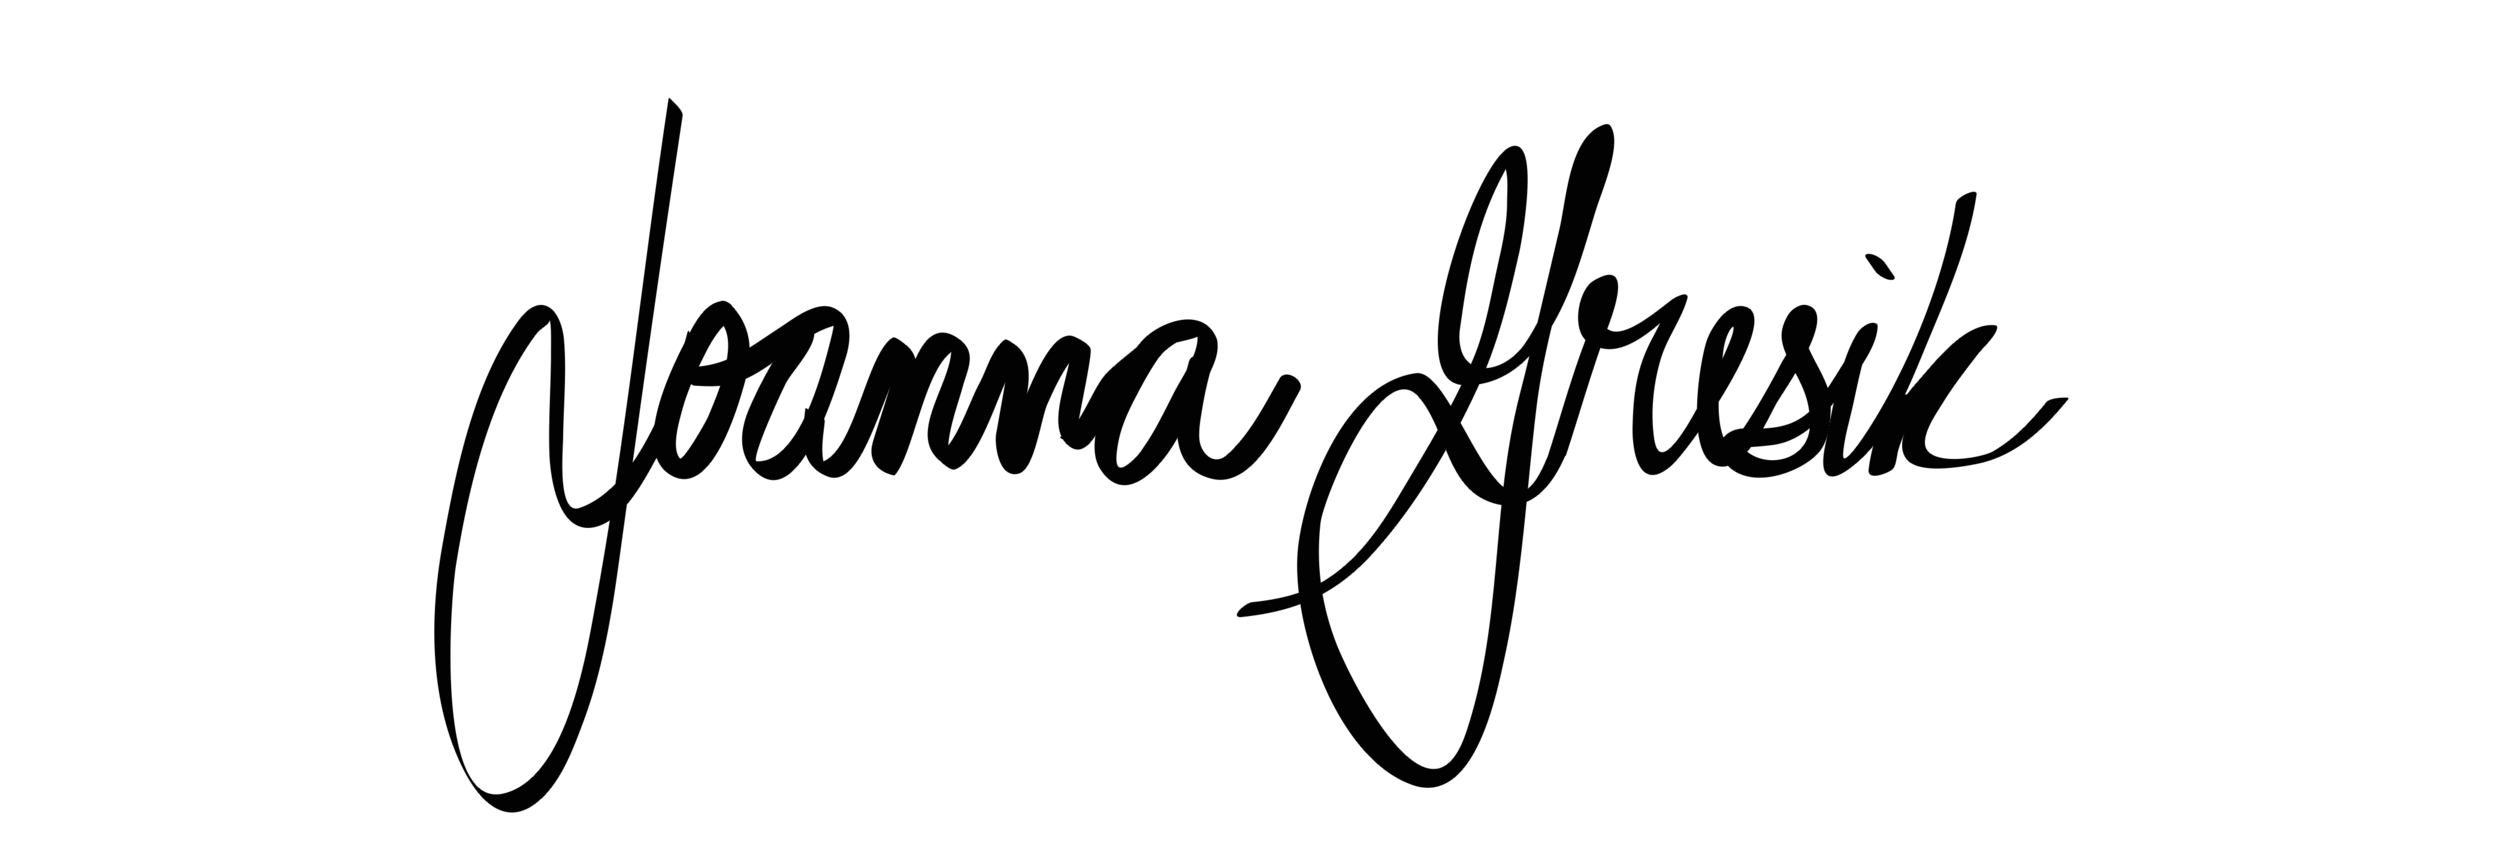 Logo - JG Signature Solid.png